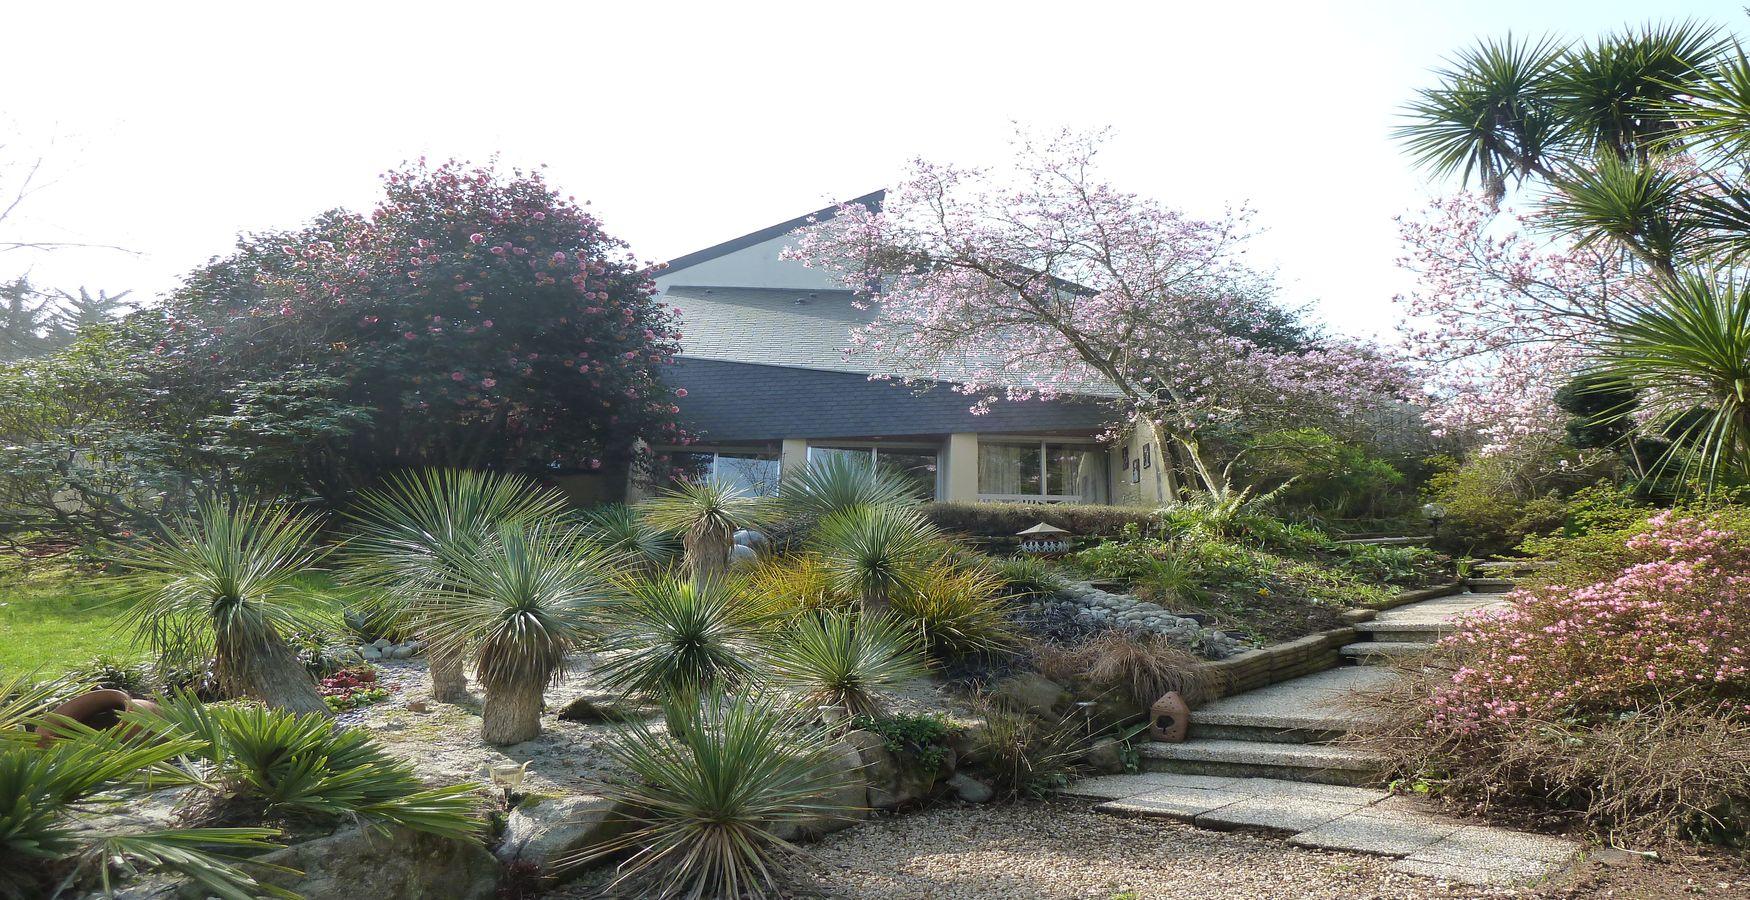 Vente maison contemporaine et son jardin exceptionnel l for Agence jardin immobilier